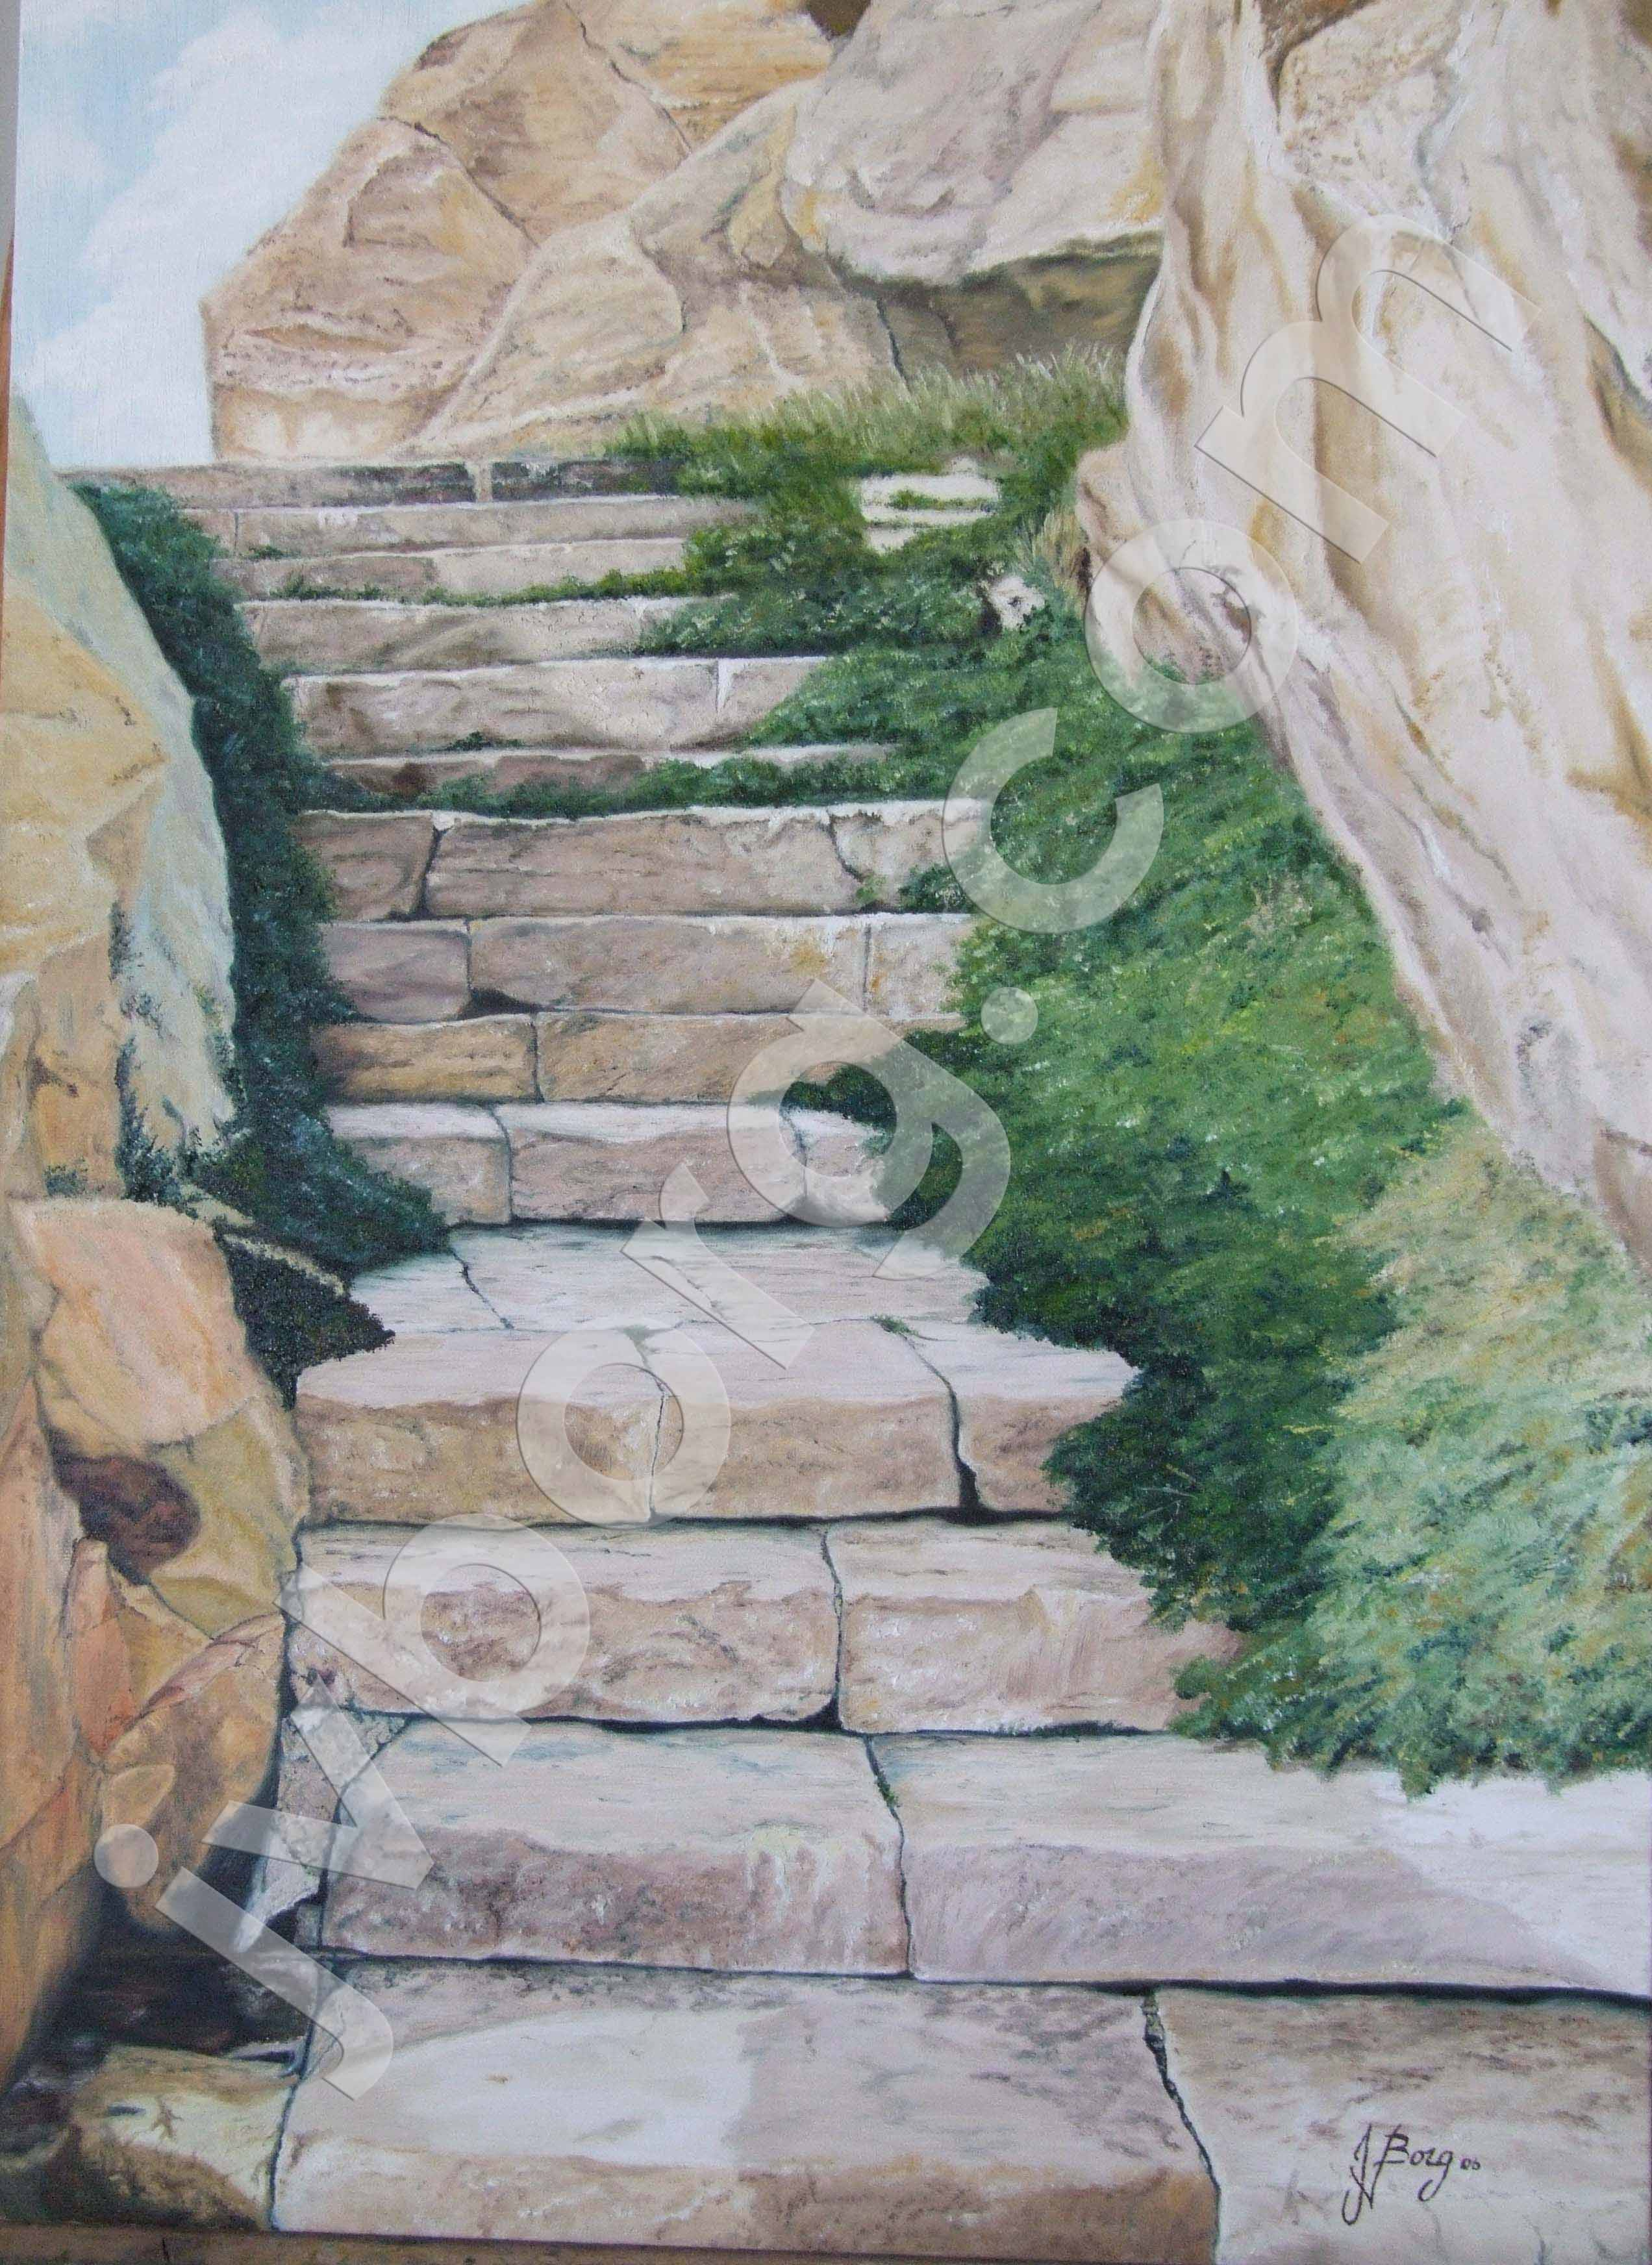 Hasan Stairs